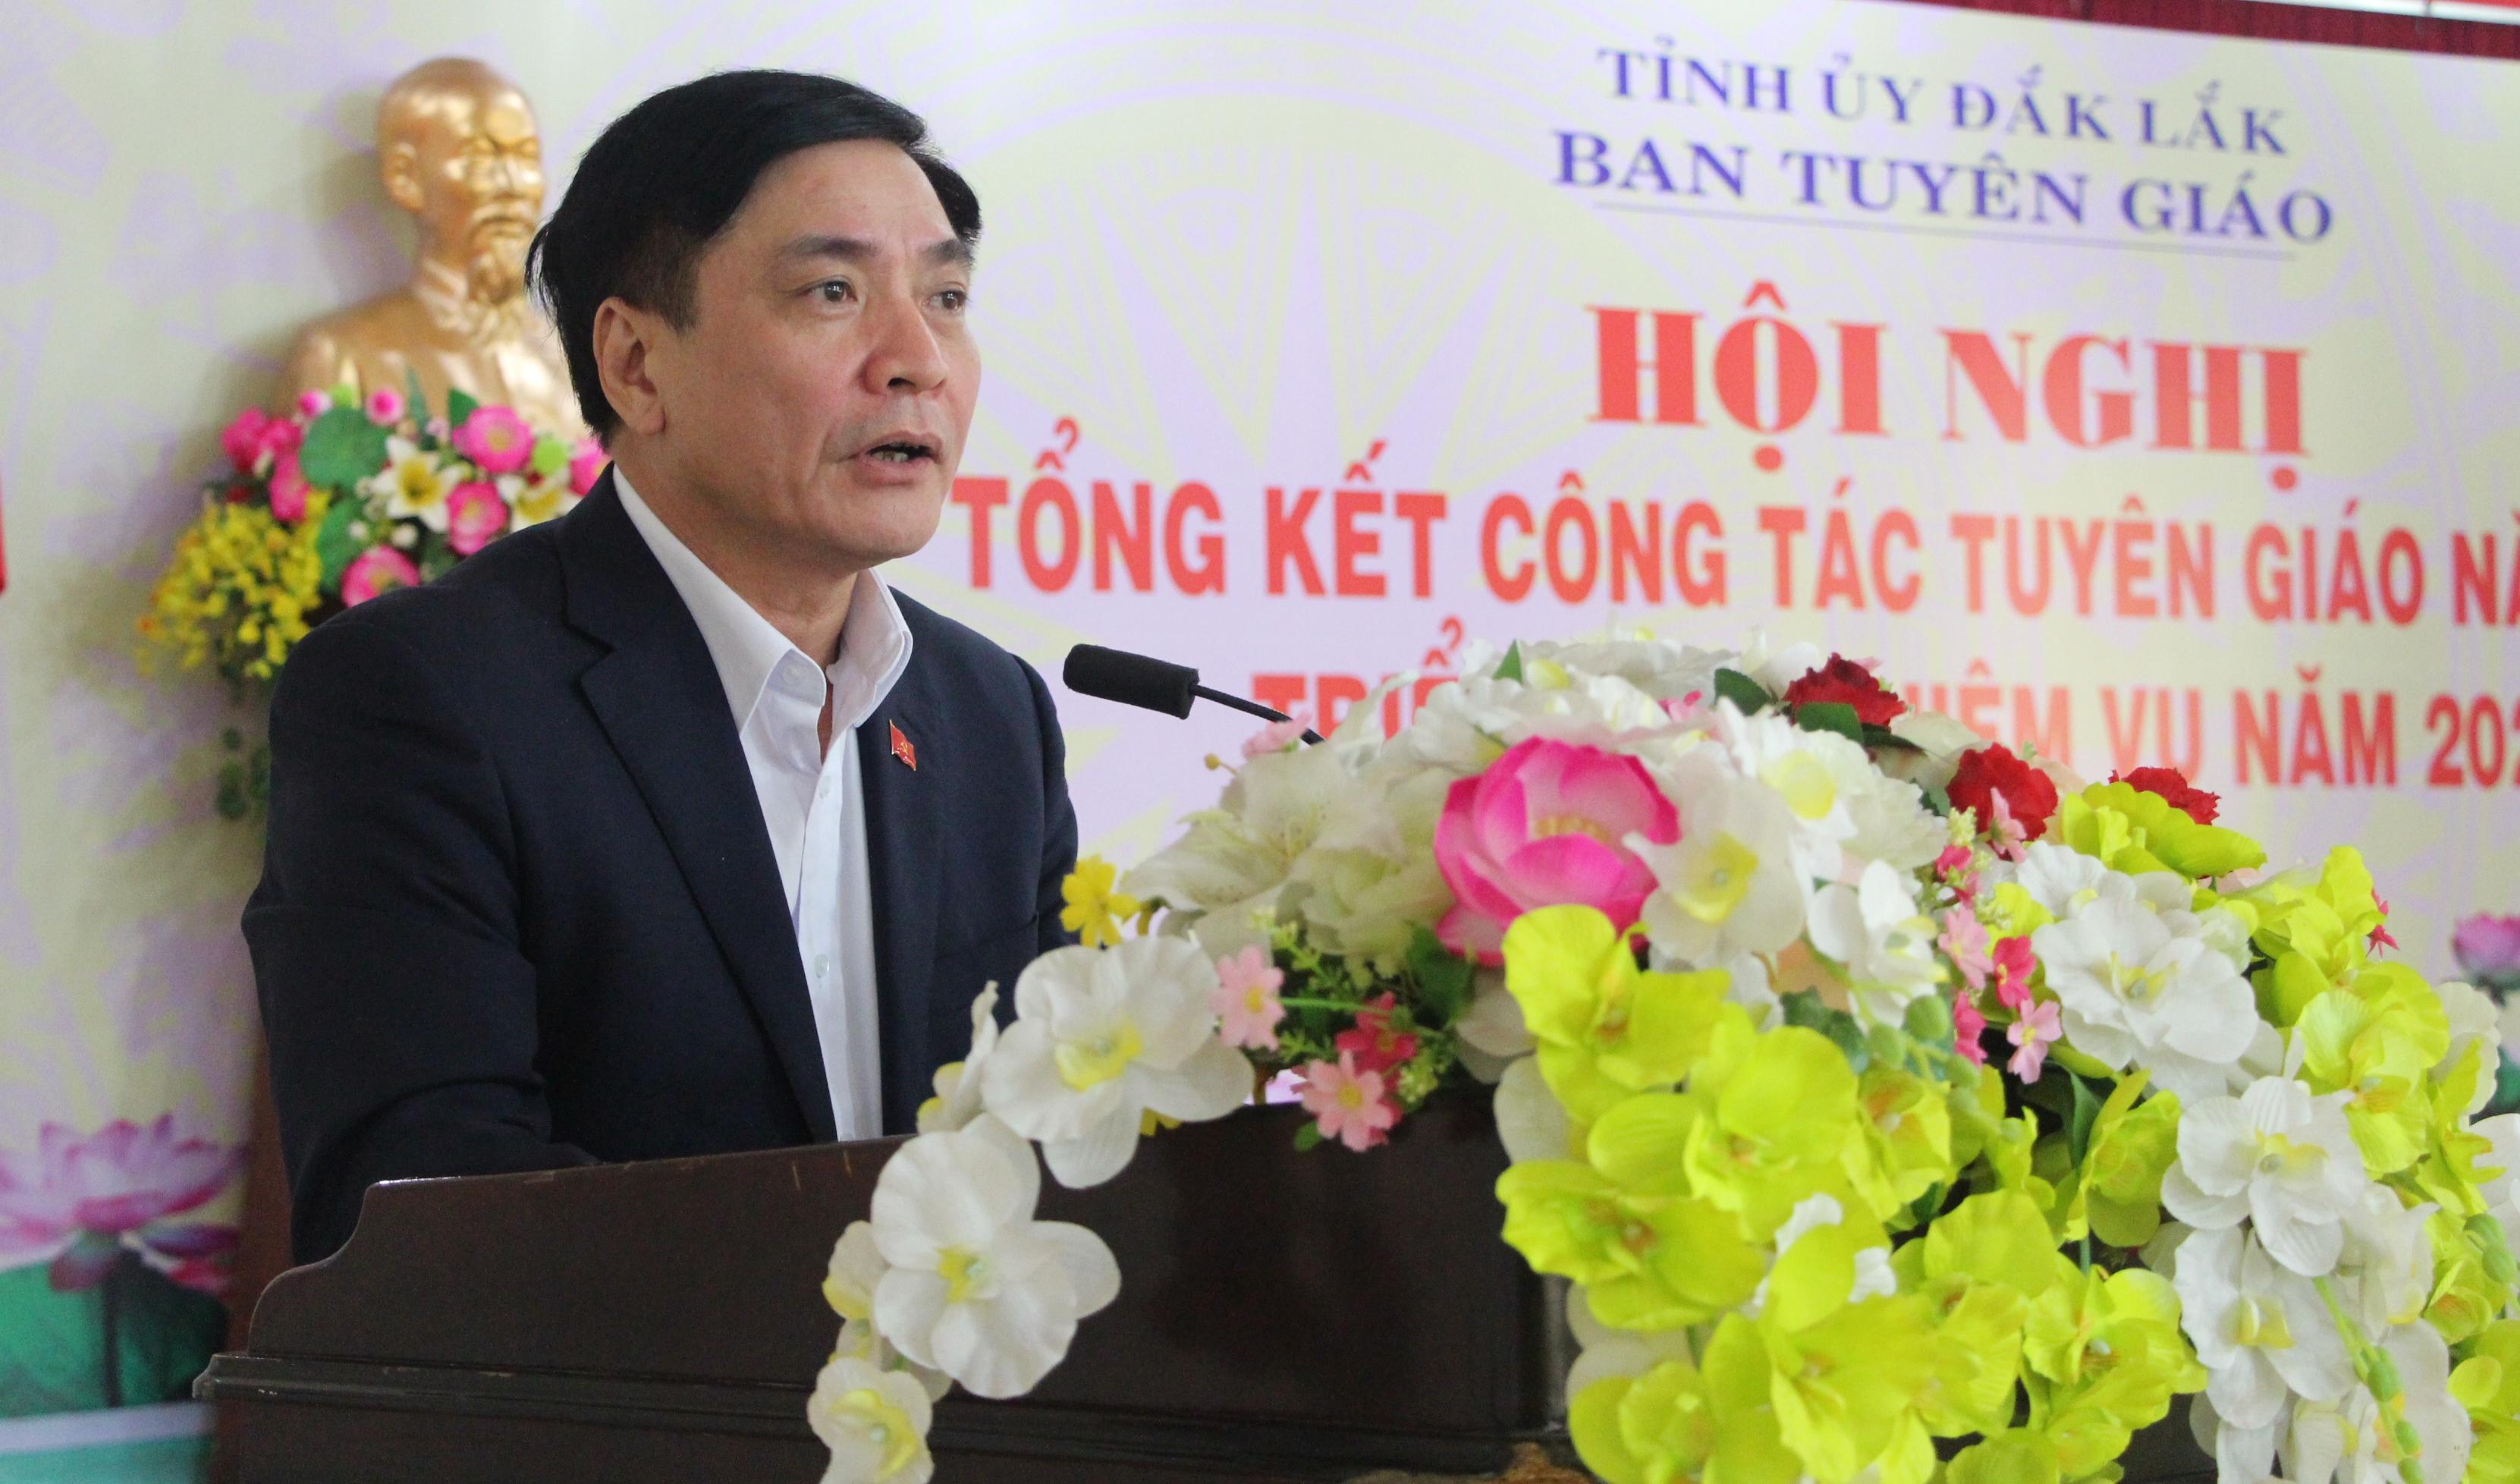 Ban Tuyên giáo Tỉnh ủy tổ chức Hội nghị Tổng kết công tác Tuyên giáo năm 2019